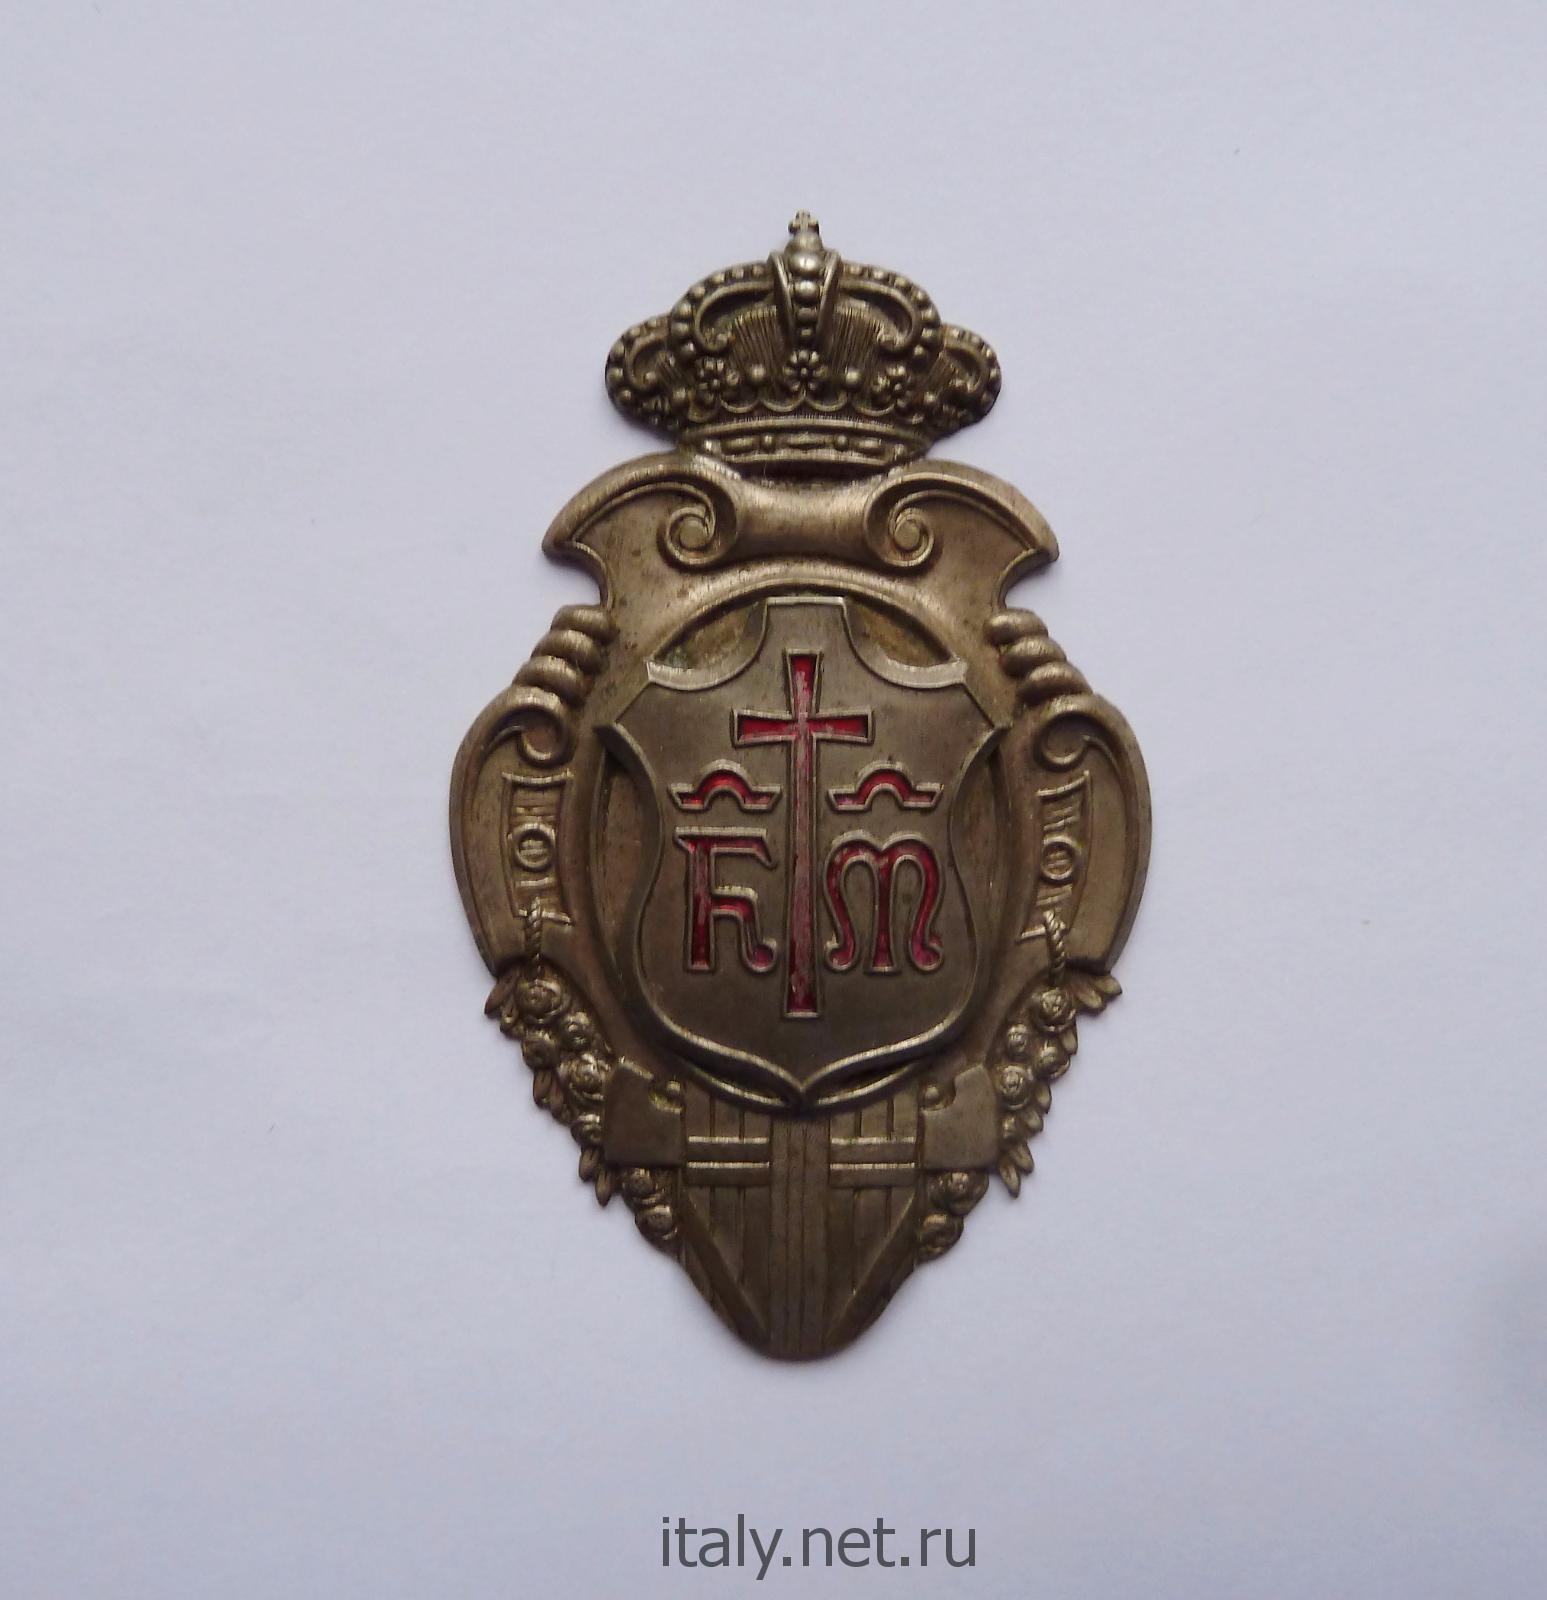 Значок члена флорентийского ордена Красного креста Мисерикордиа. Флоренция. Фашистская Италия. 1930-е годы.